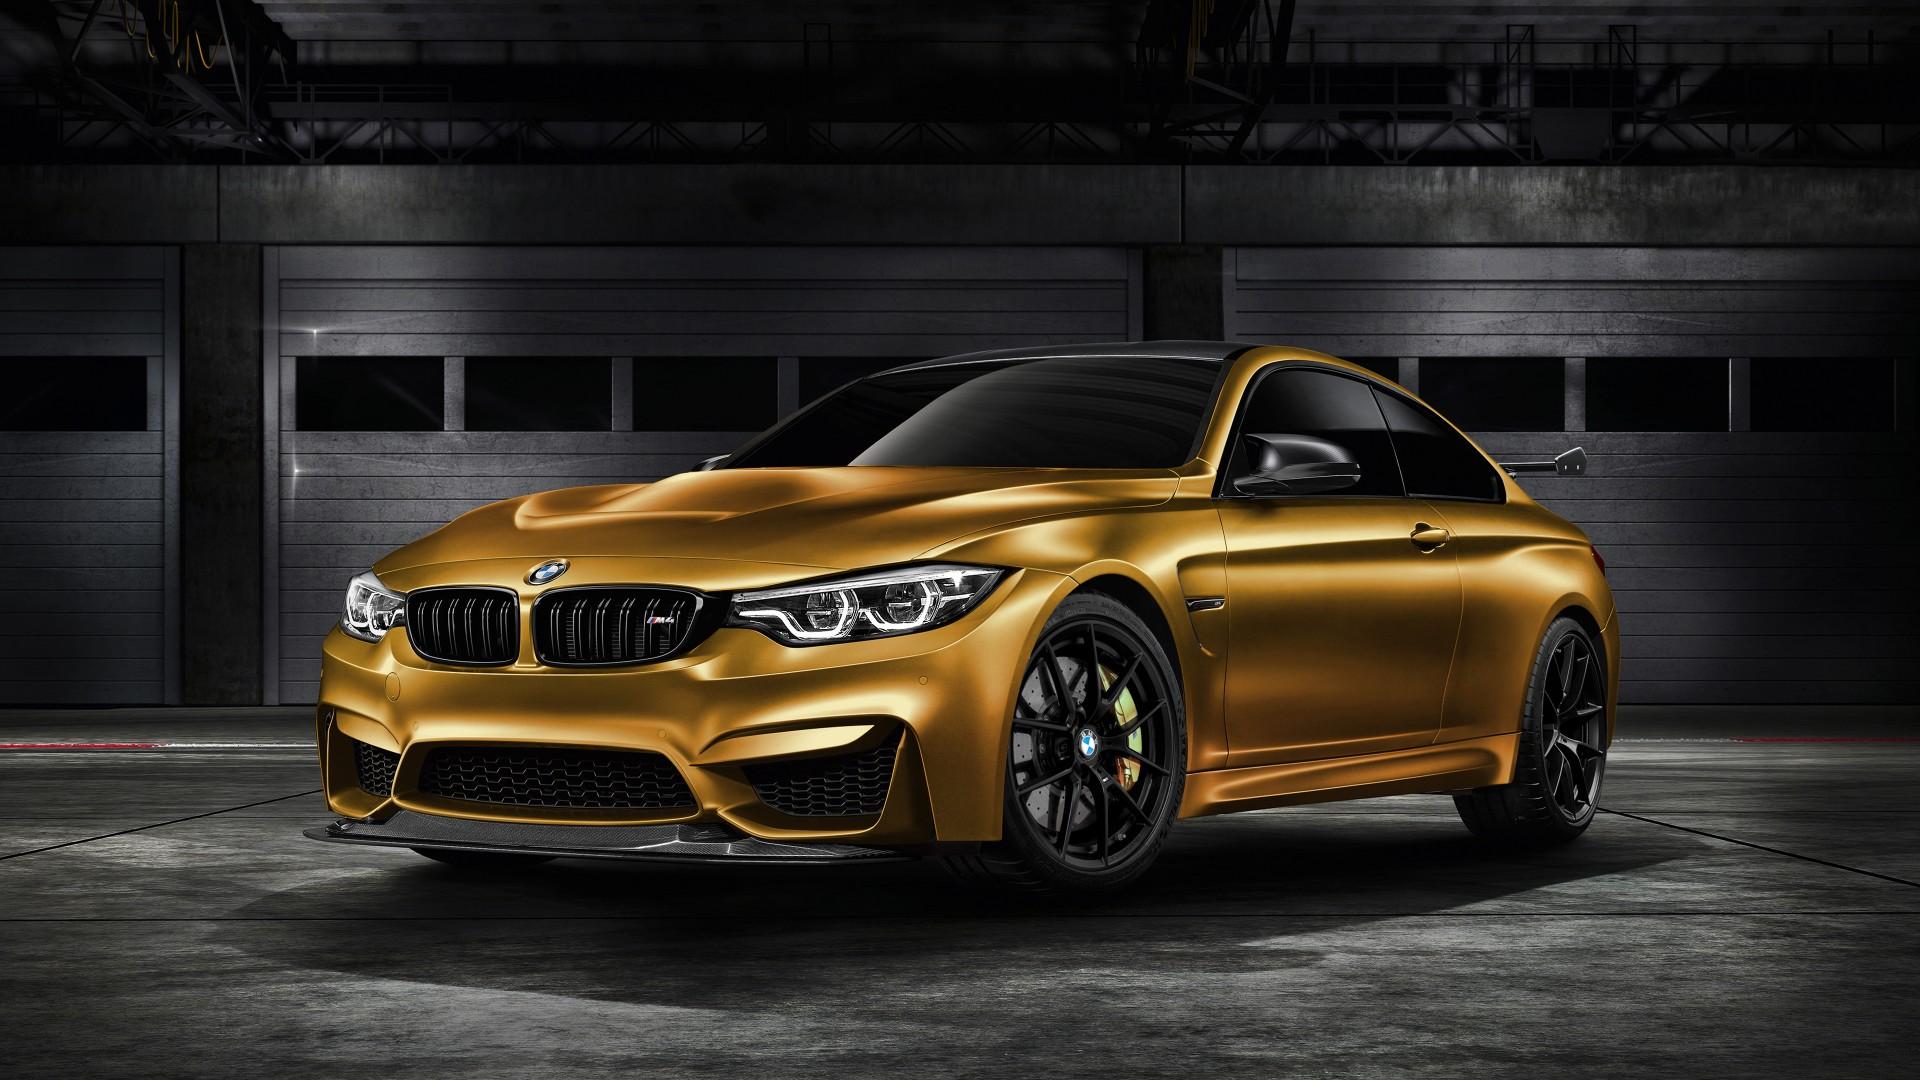 2018 BMW M4 GTS SunburstGold 4K Wallpaper | HD Car ...